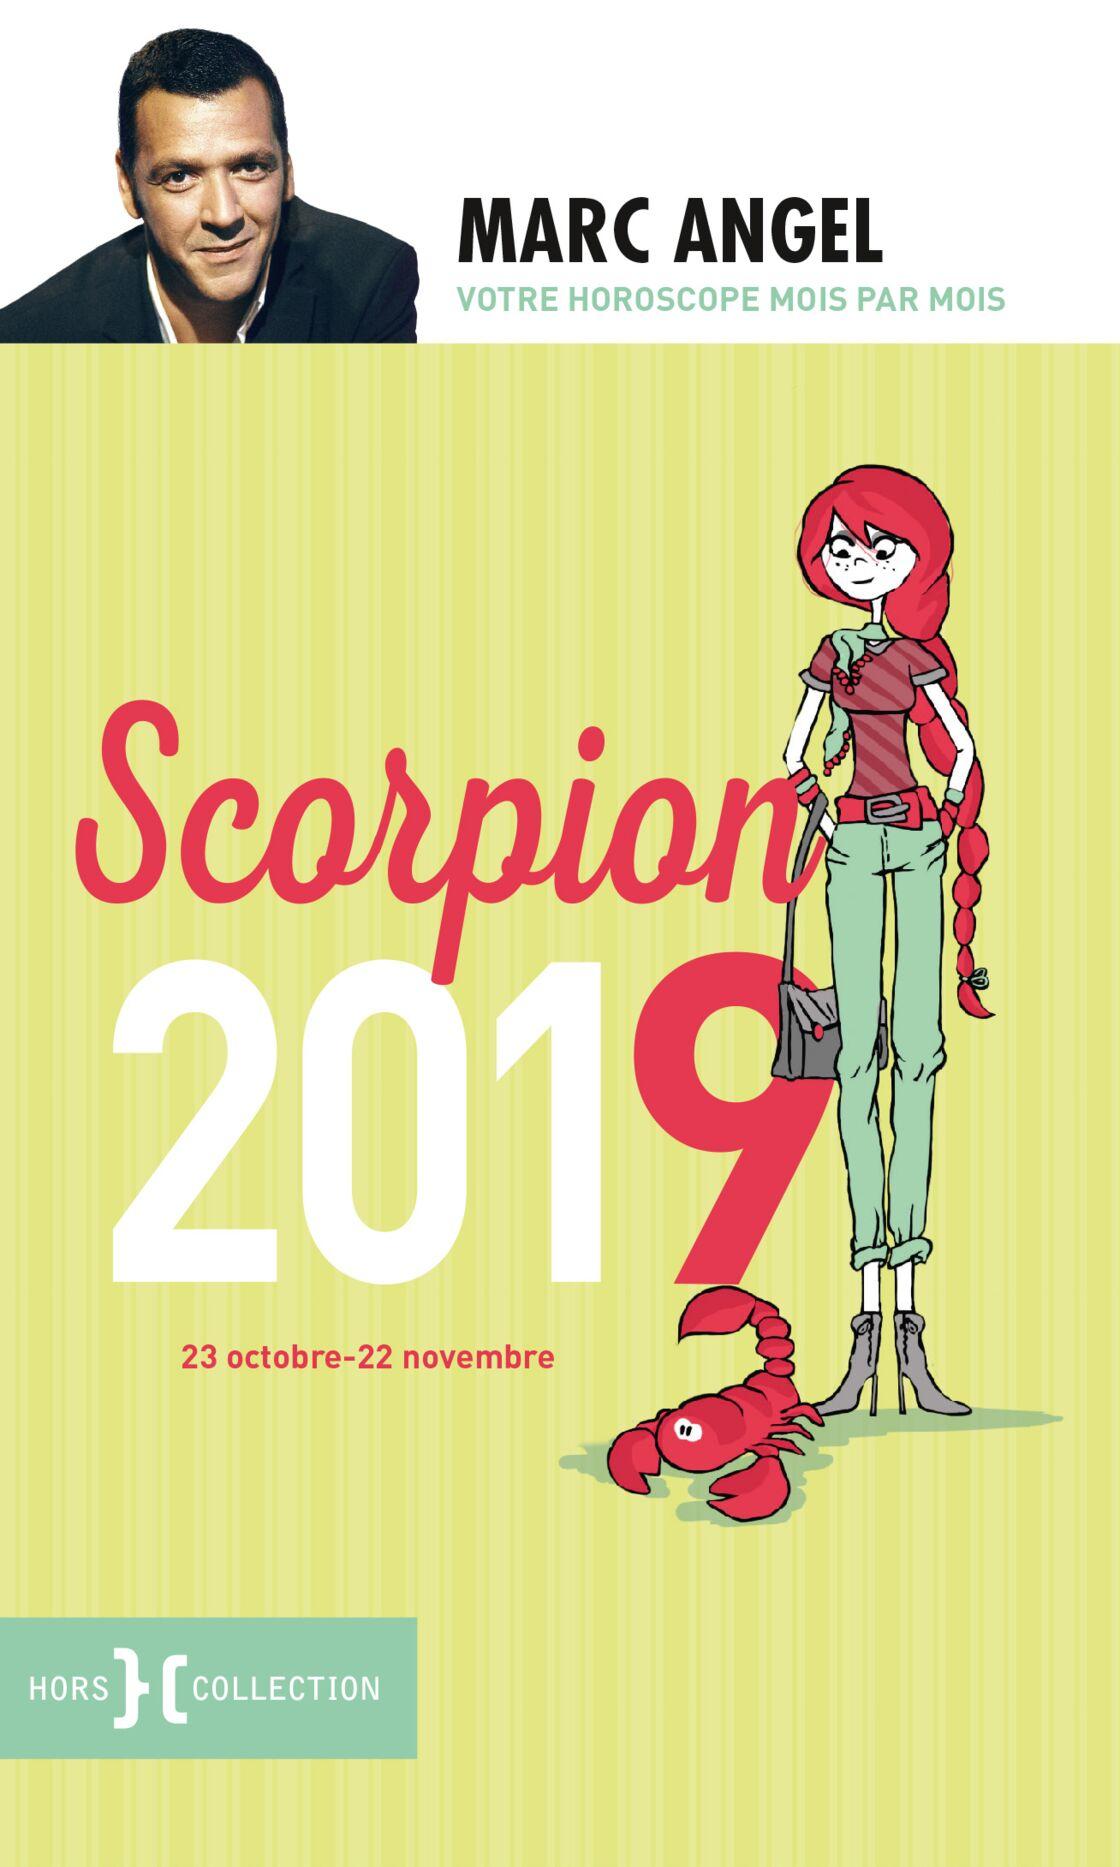 conseils de rencontres pour l'homme Scorpion